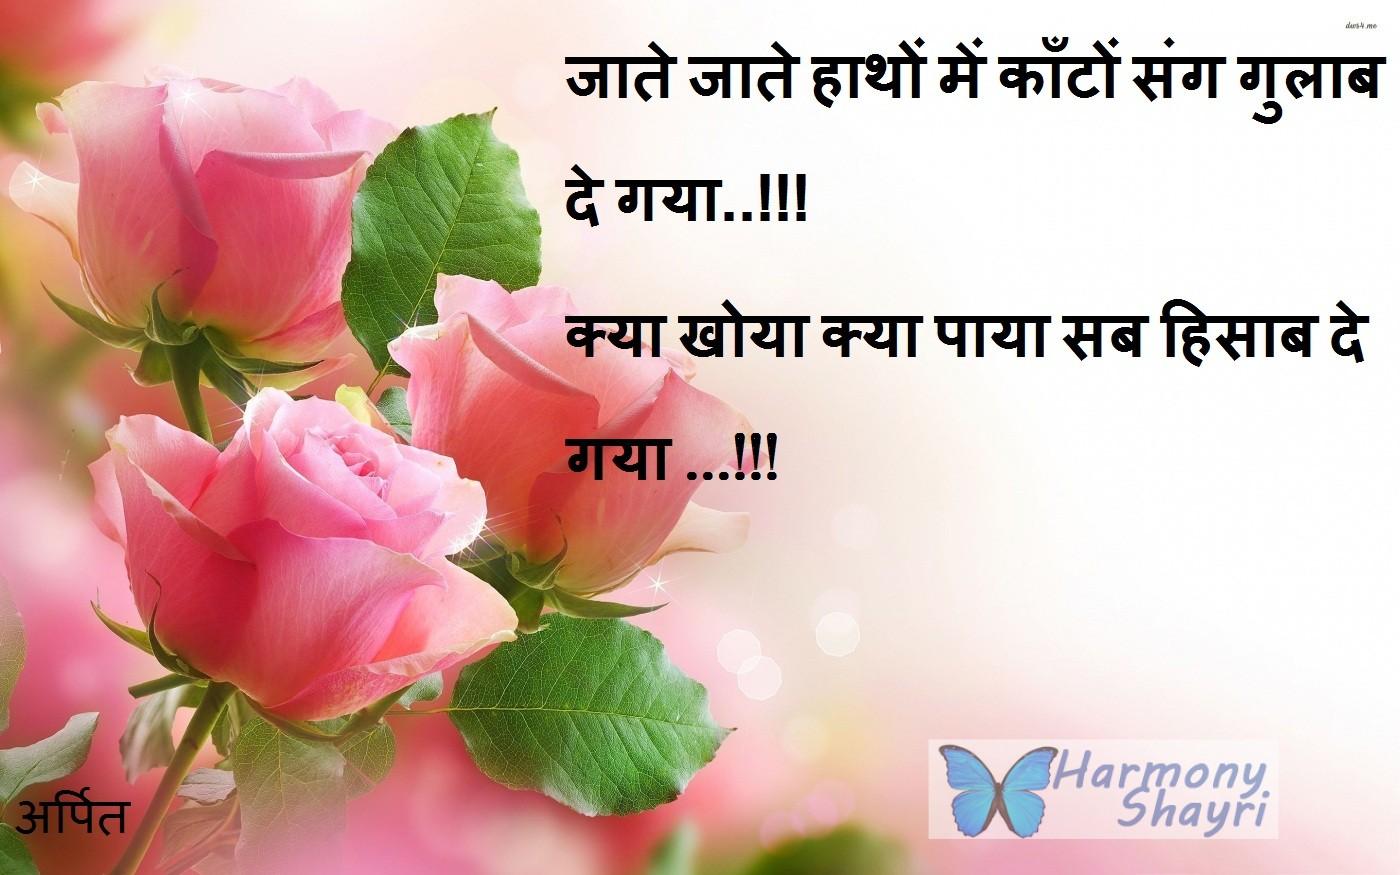 Rose -New Year Shayari - Top Hindi Shayari Collection ...